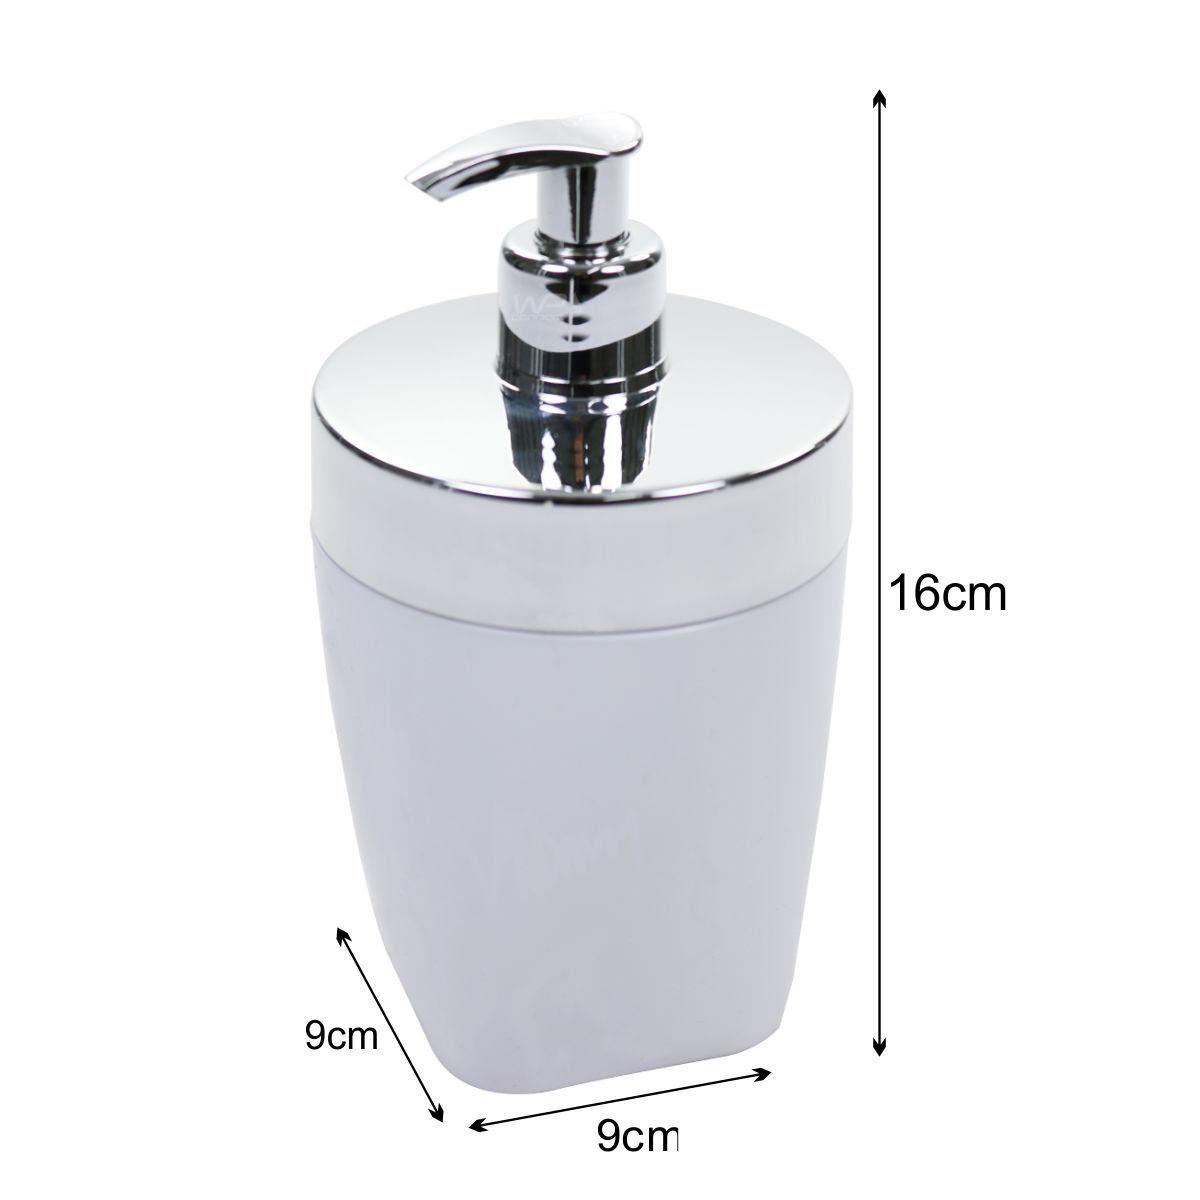 Porta Sabonete Líquido Dispenser 400ml Pia Banheiro - Branco